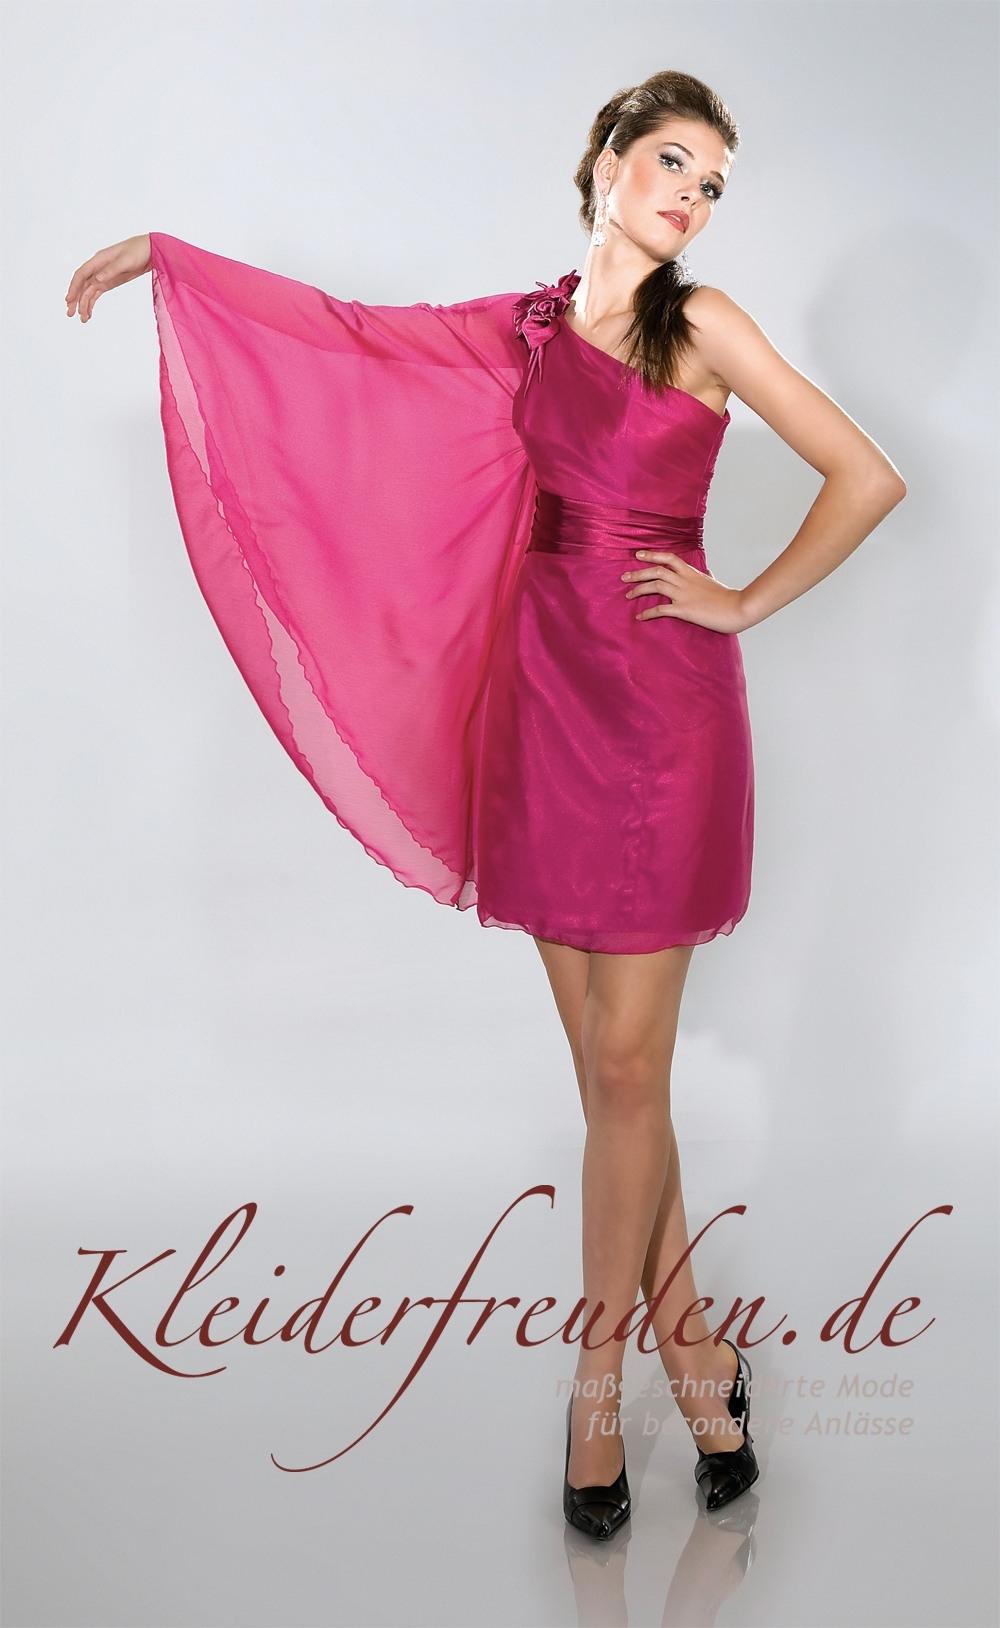 Ausgezeichnet Schöne Kleider Zur Hochzeit Design15 Schön Schöne Kleider Zur Hochzeit Spezialgebiet